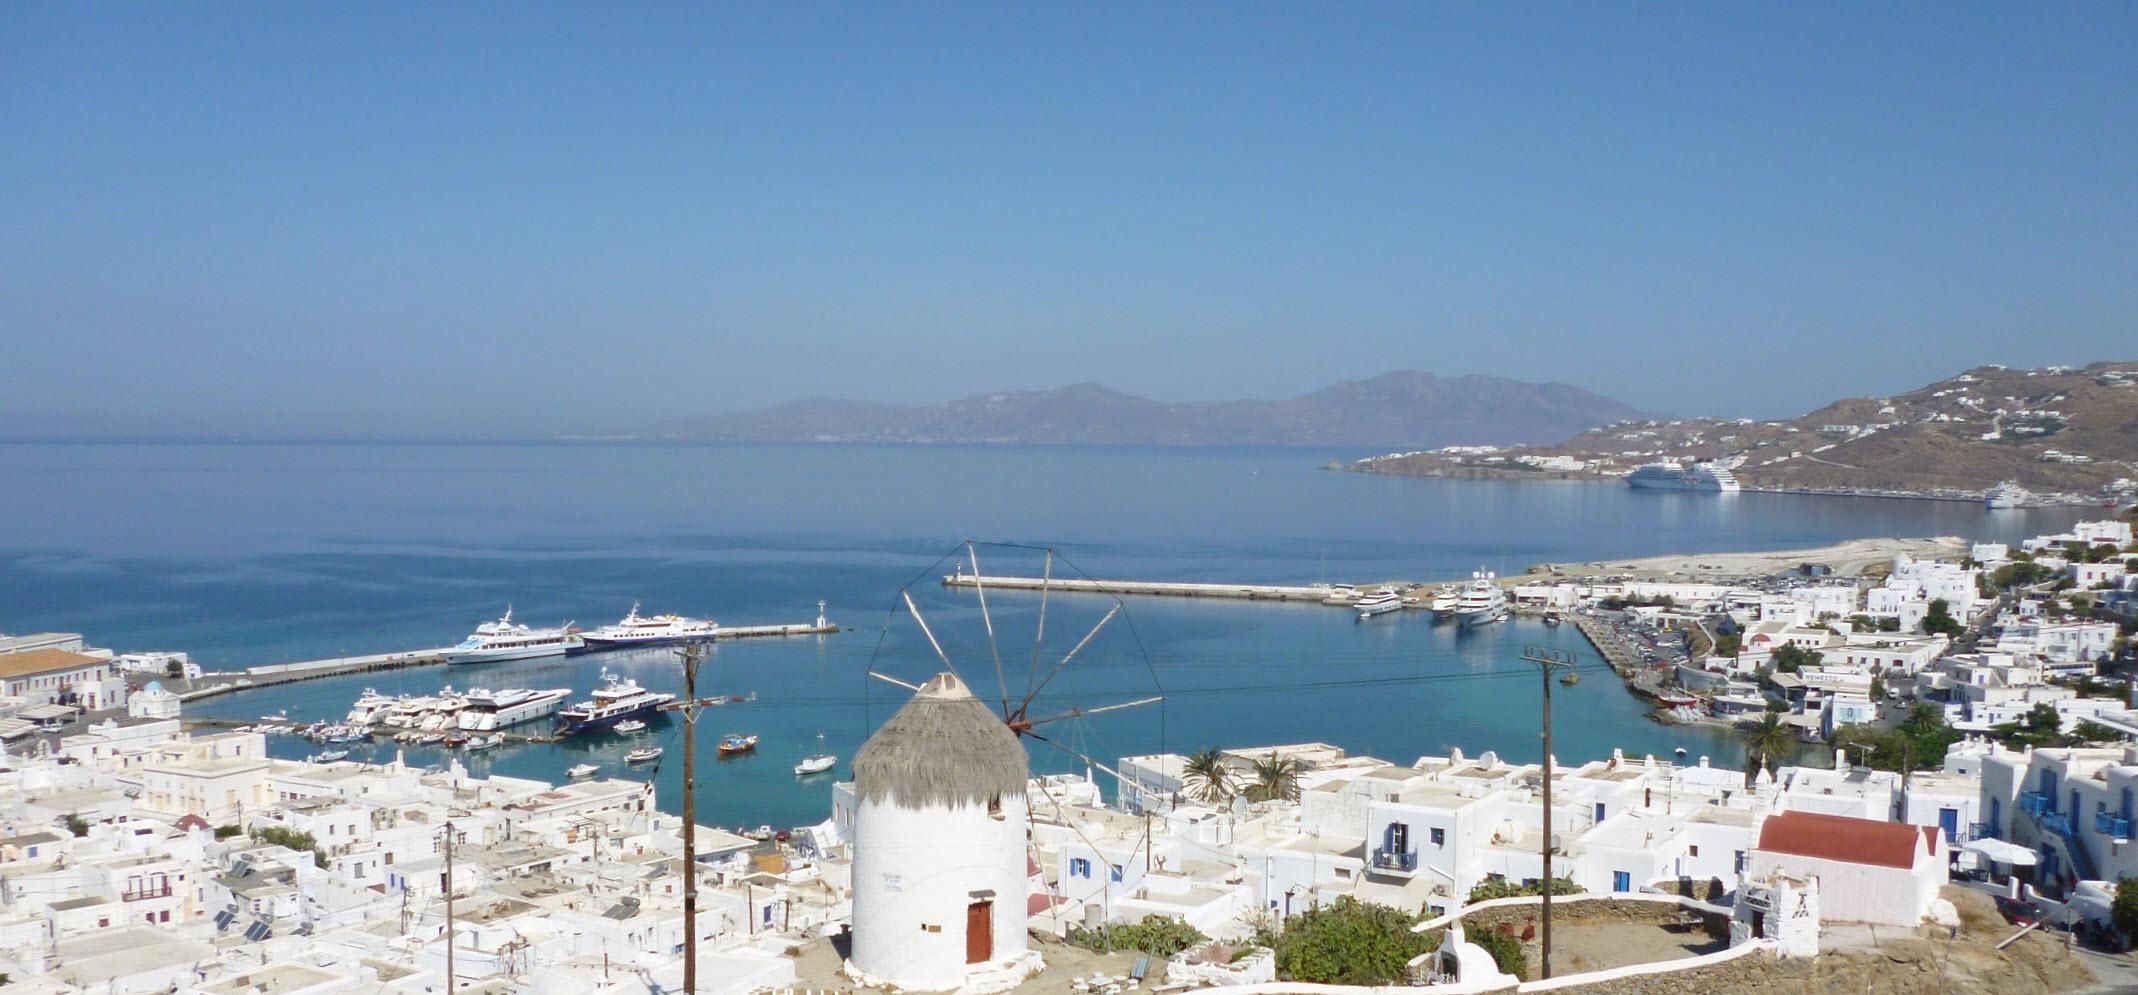 Mykonos Griechenland Urlaub - Tipps, Infos, Videos zur Mykonos Reise & Ferien auf der griechischen Insel Mykonos